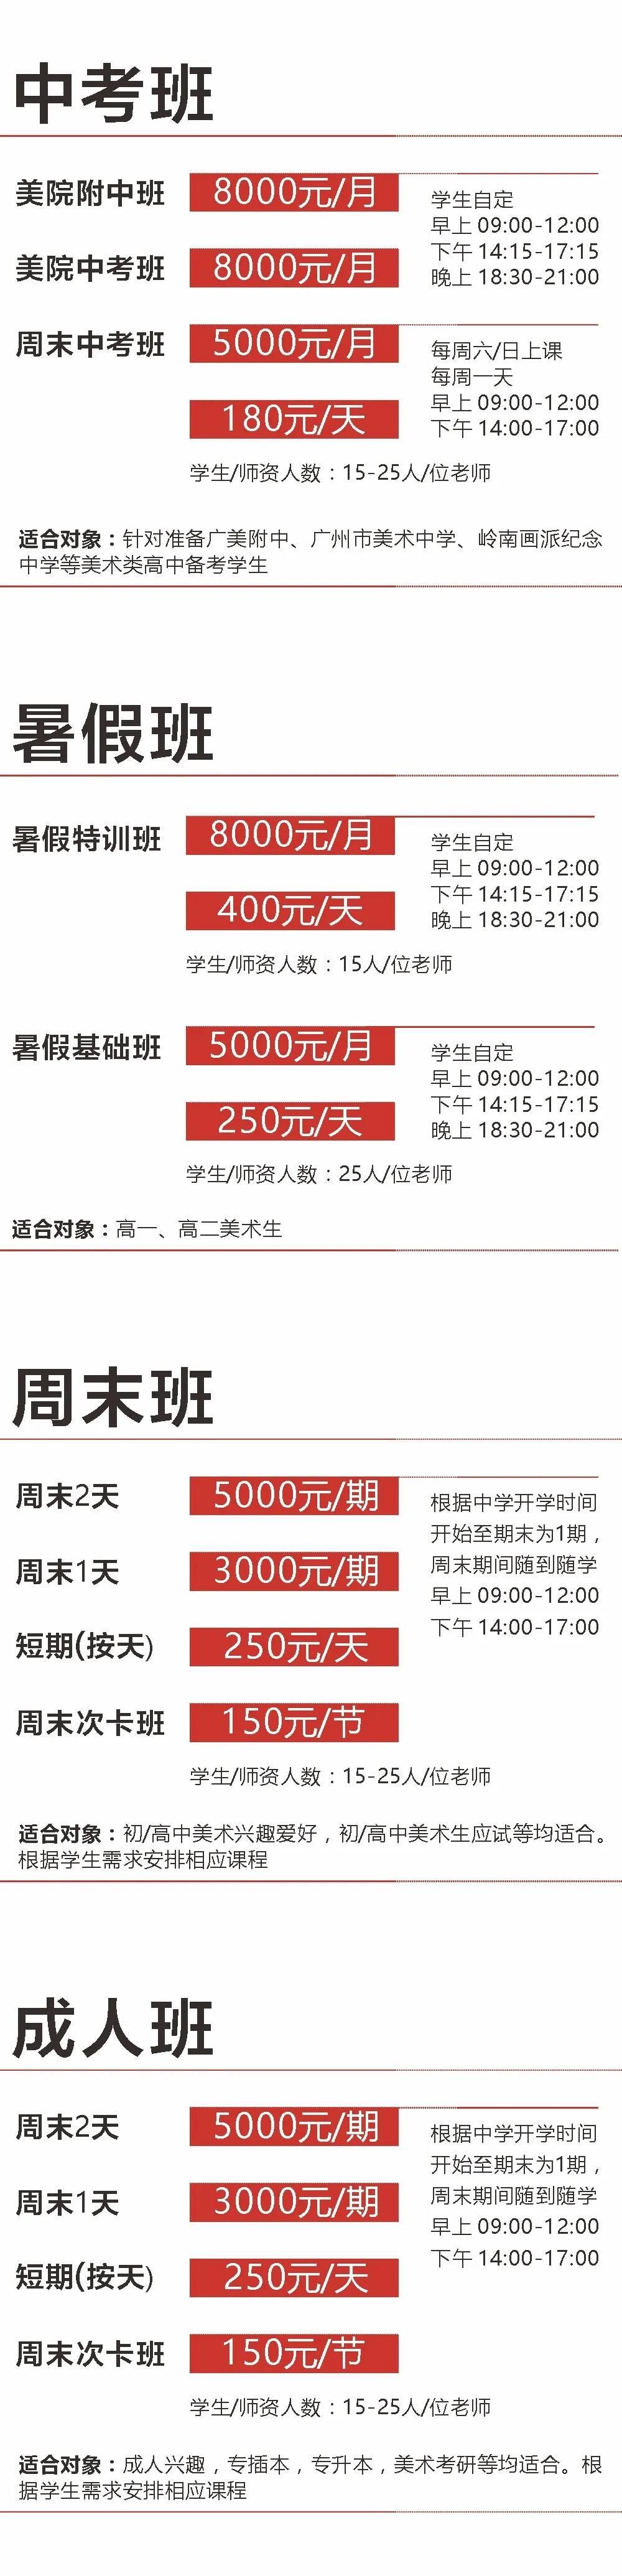 2020寒阳厘米录取捷报!